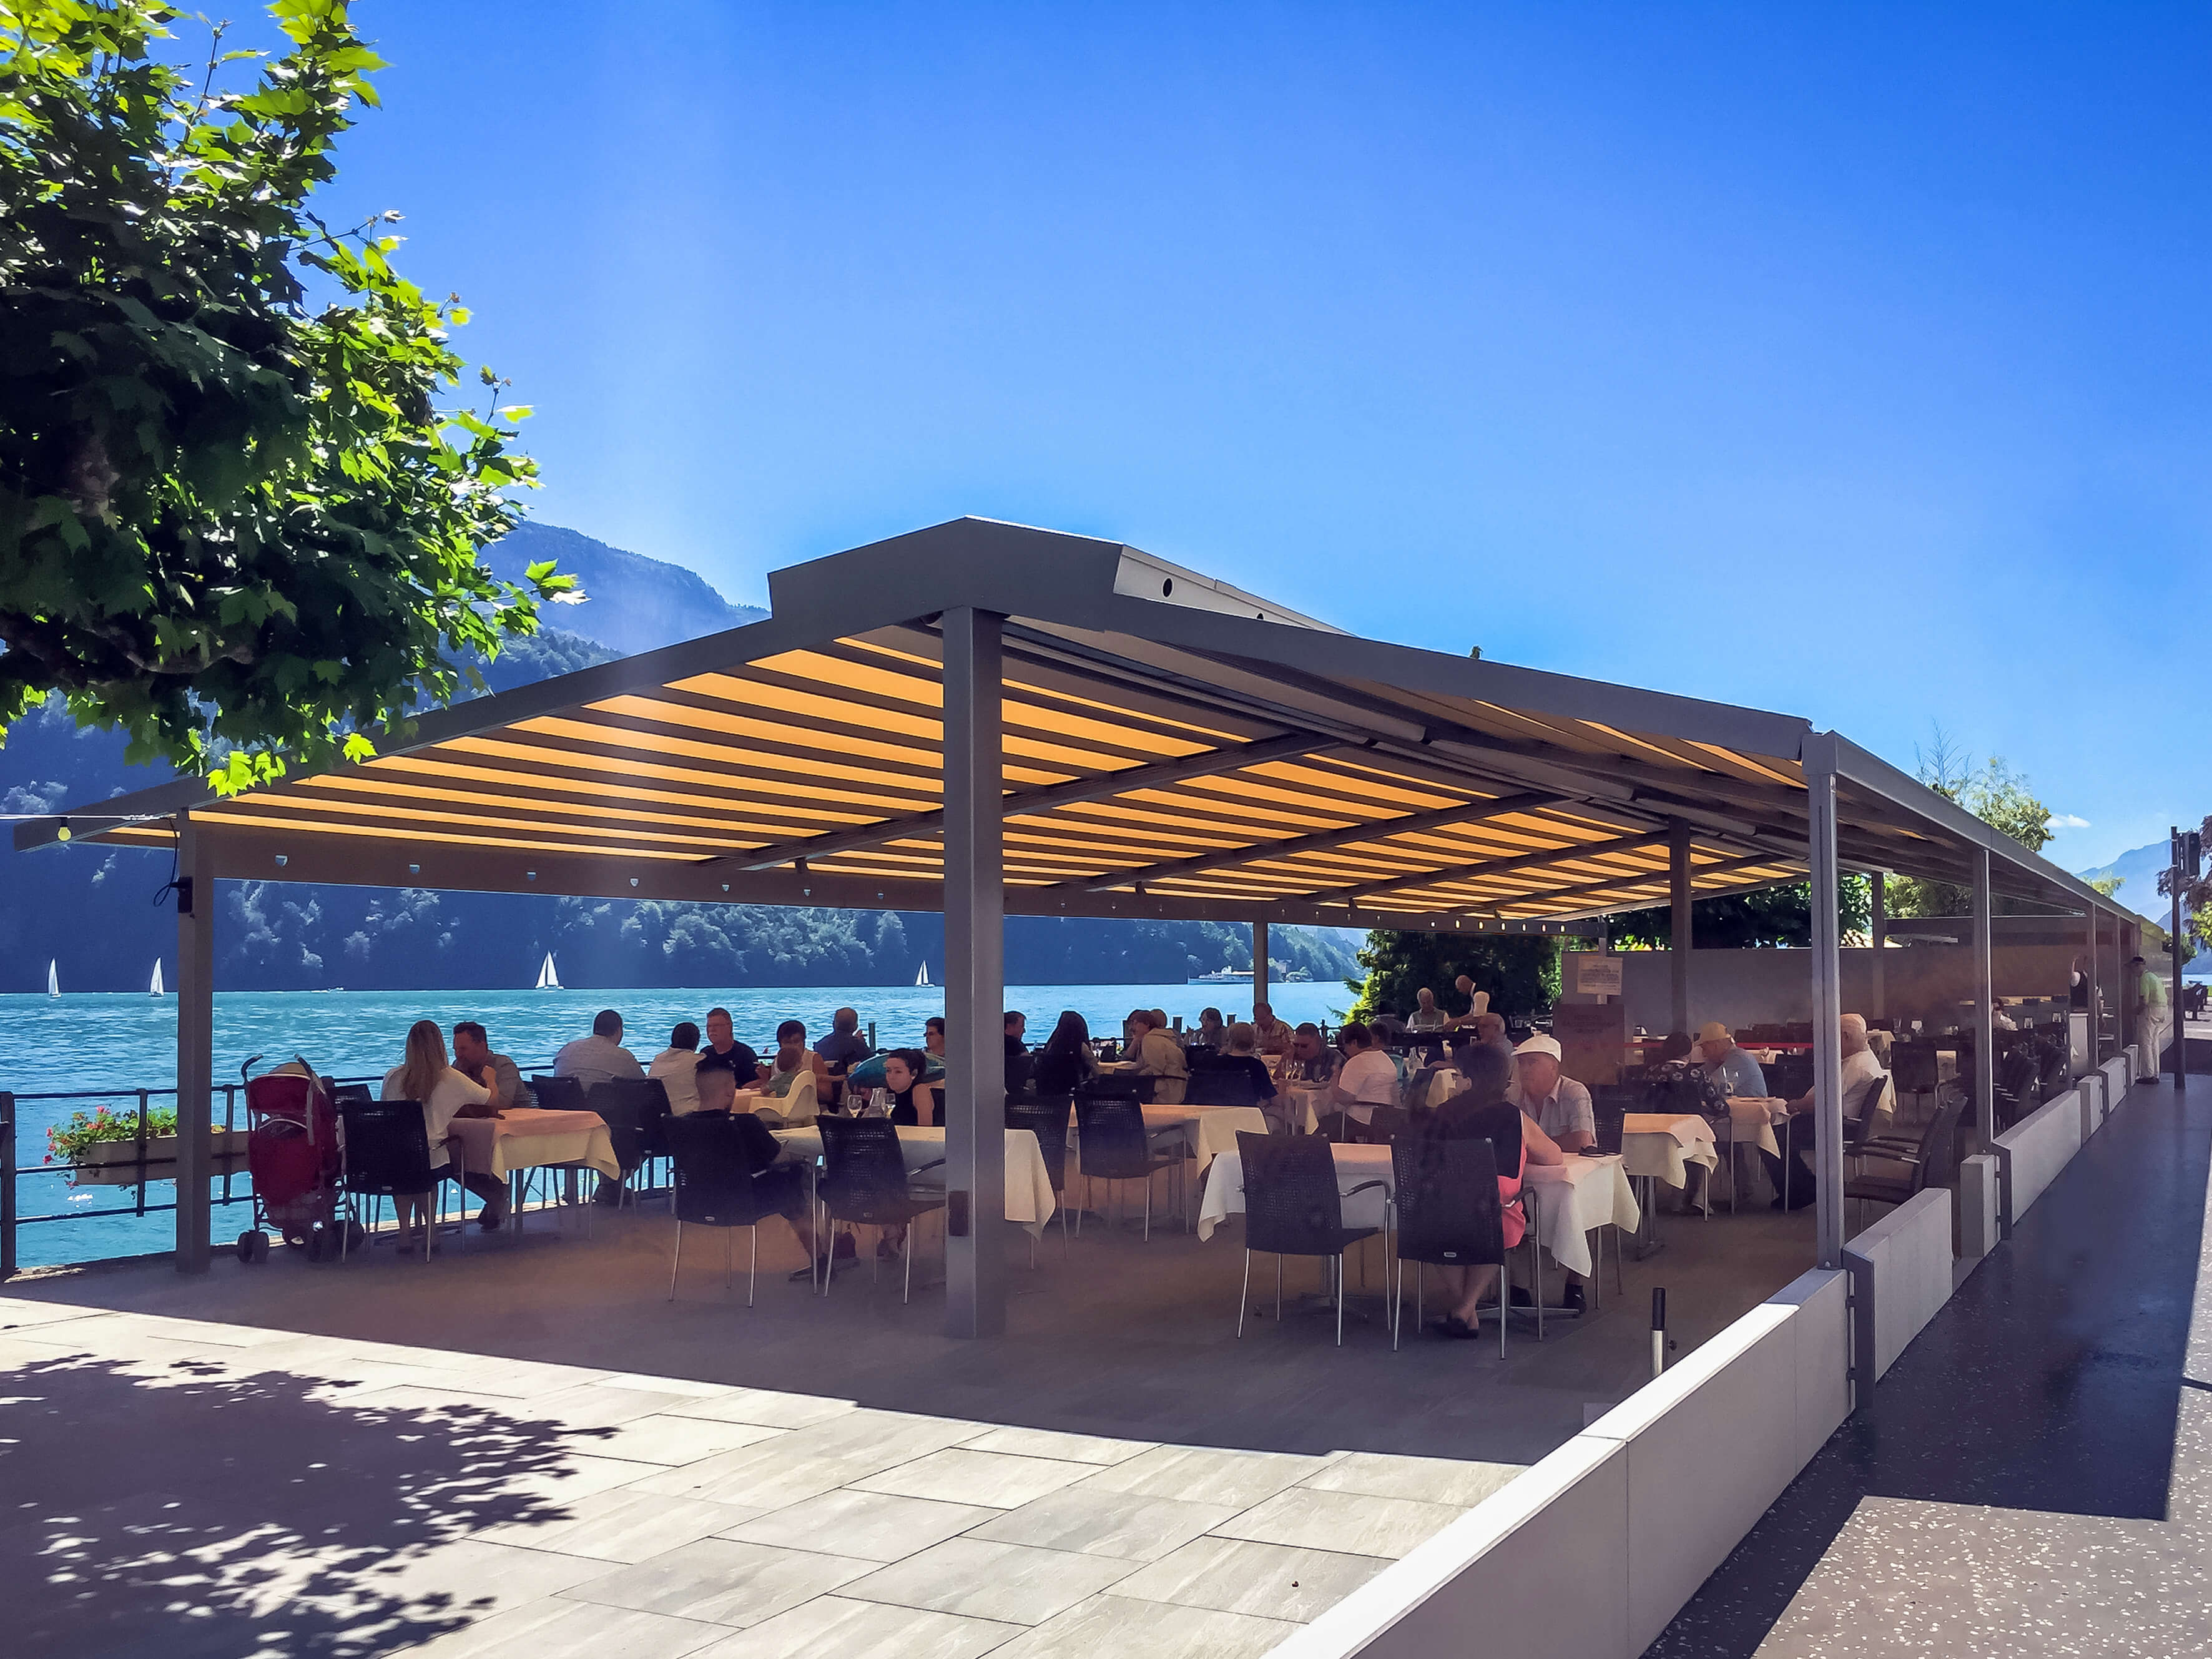 Die Gastro- Markise RIVERA sorgt für Sonnenschutz, Regenschutz und Windschutz.Sie ist die perfekte Lösung für die Gastronomie aber auch für die private Terrasse. Als Terrassenüberdachung ist diese Sonnenschutzanlage bestens geeignet.